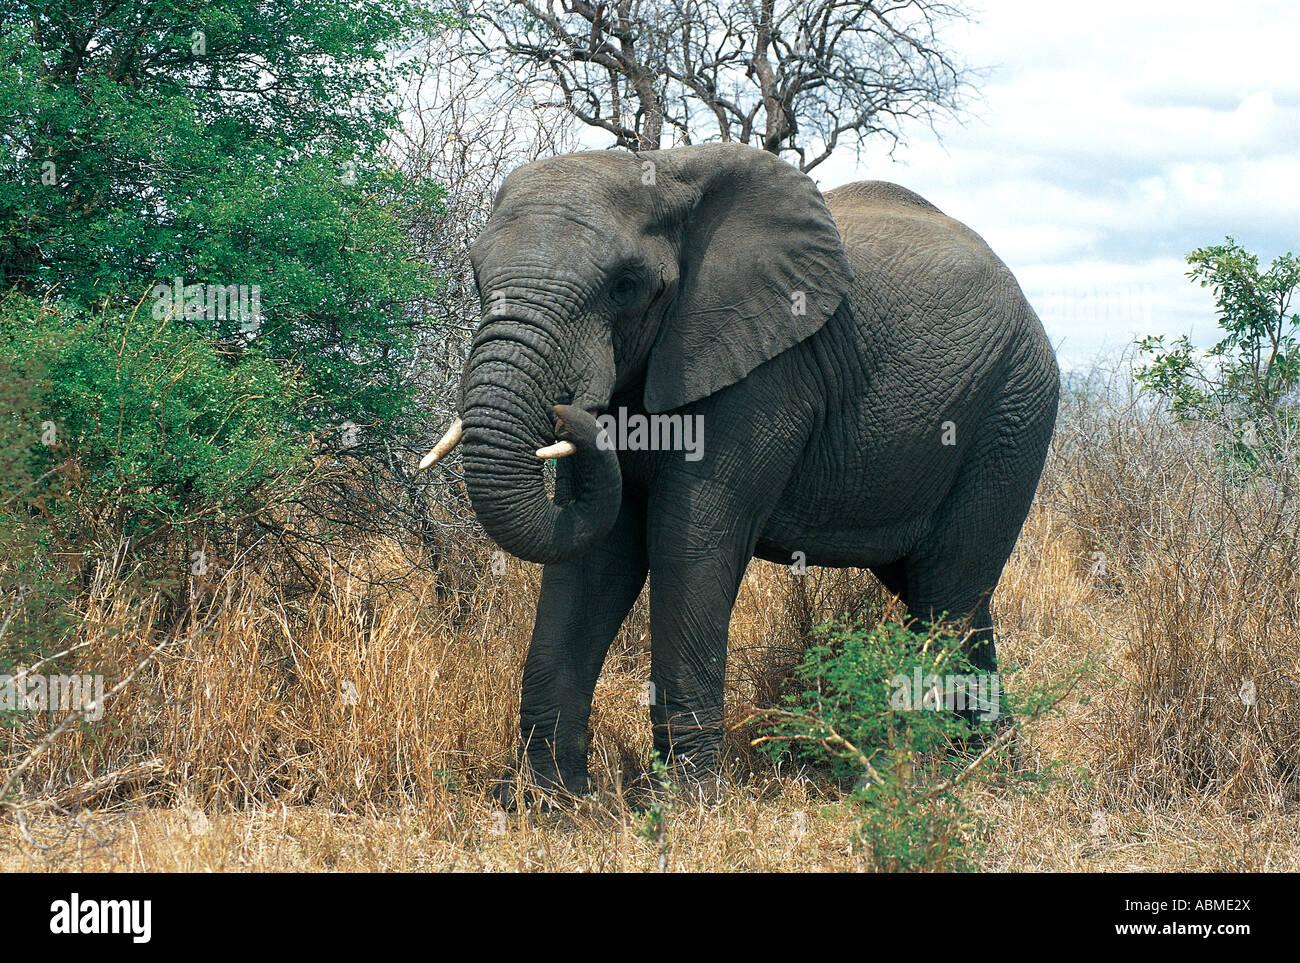 L'éléphant d'Afrique Afrique du Sud Parc National Kruger Photo Stock